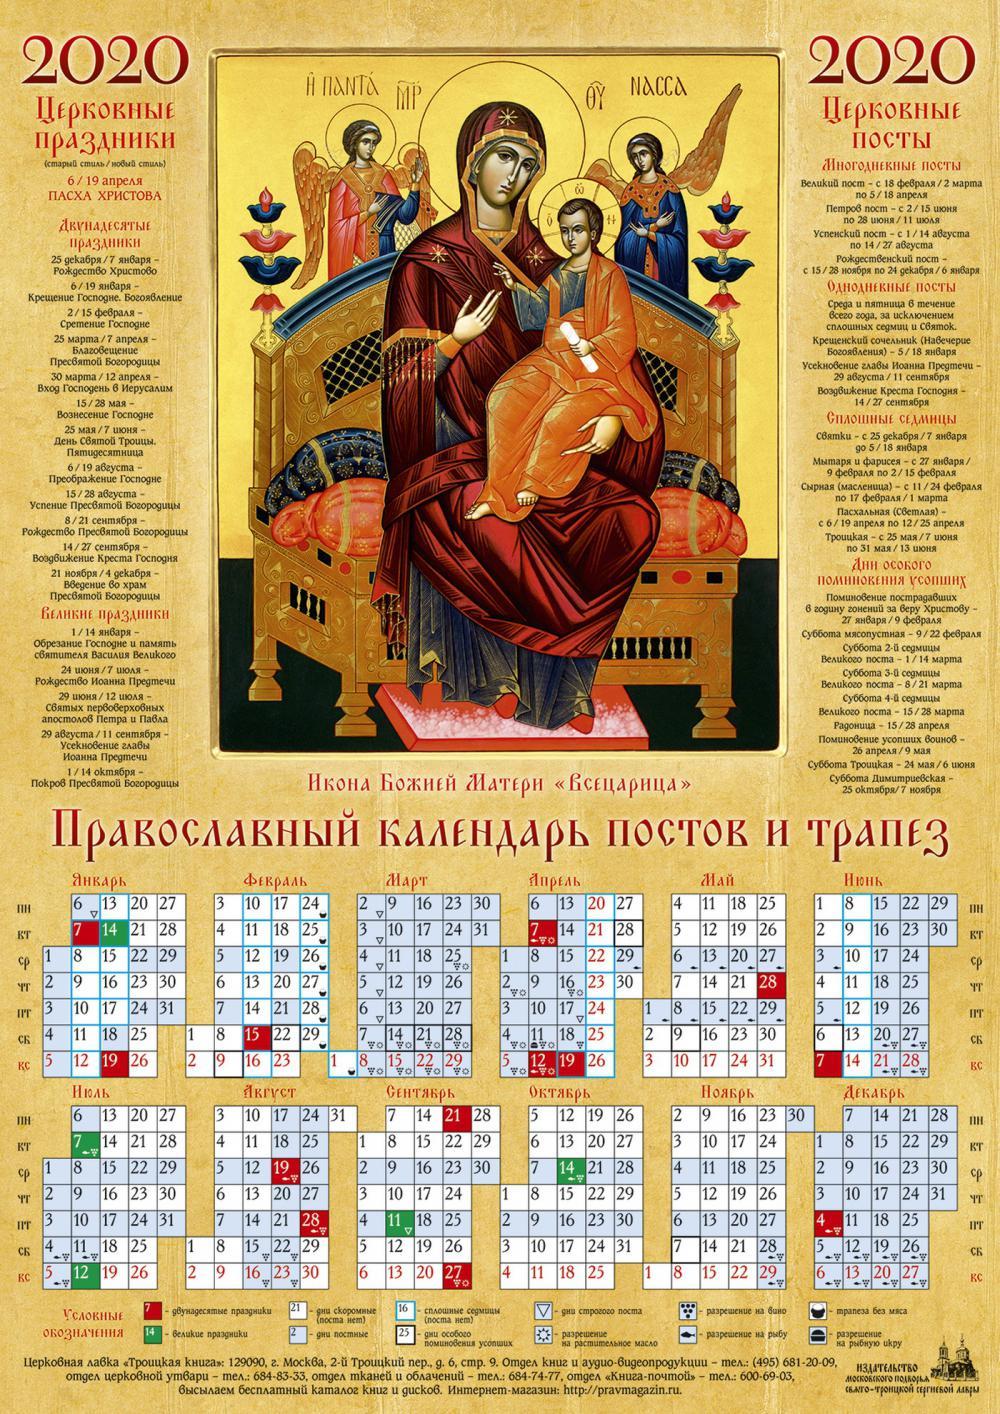 Посты православной церкви. какие посты бывают у православных христиан. великий пост и другие